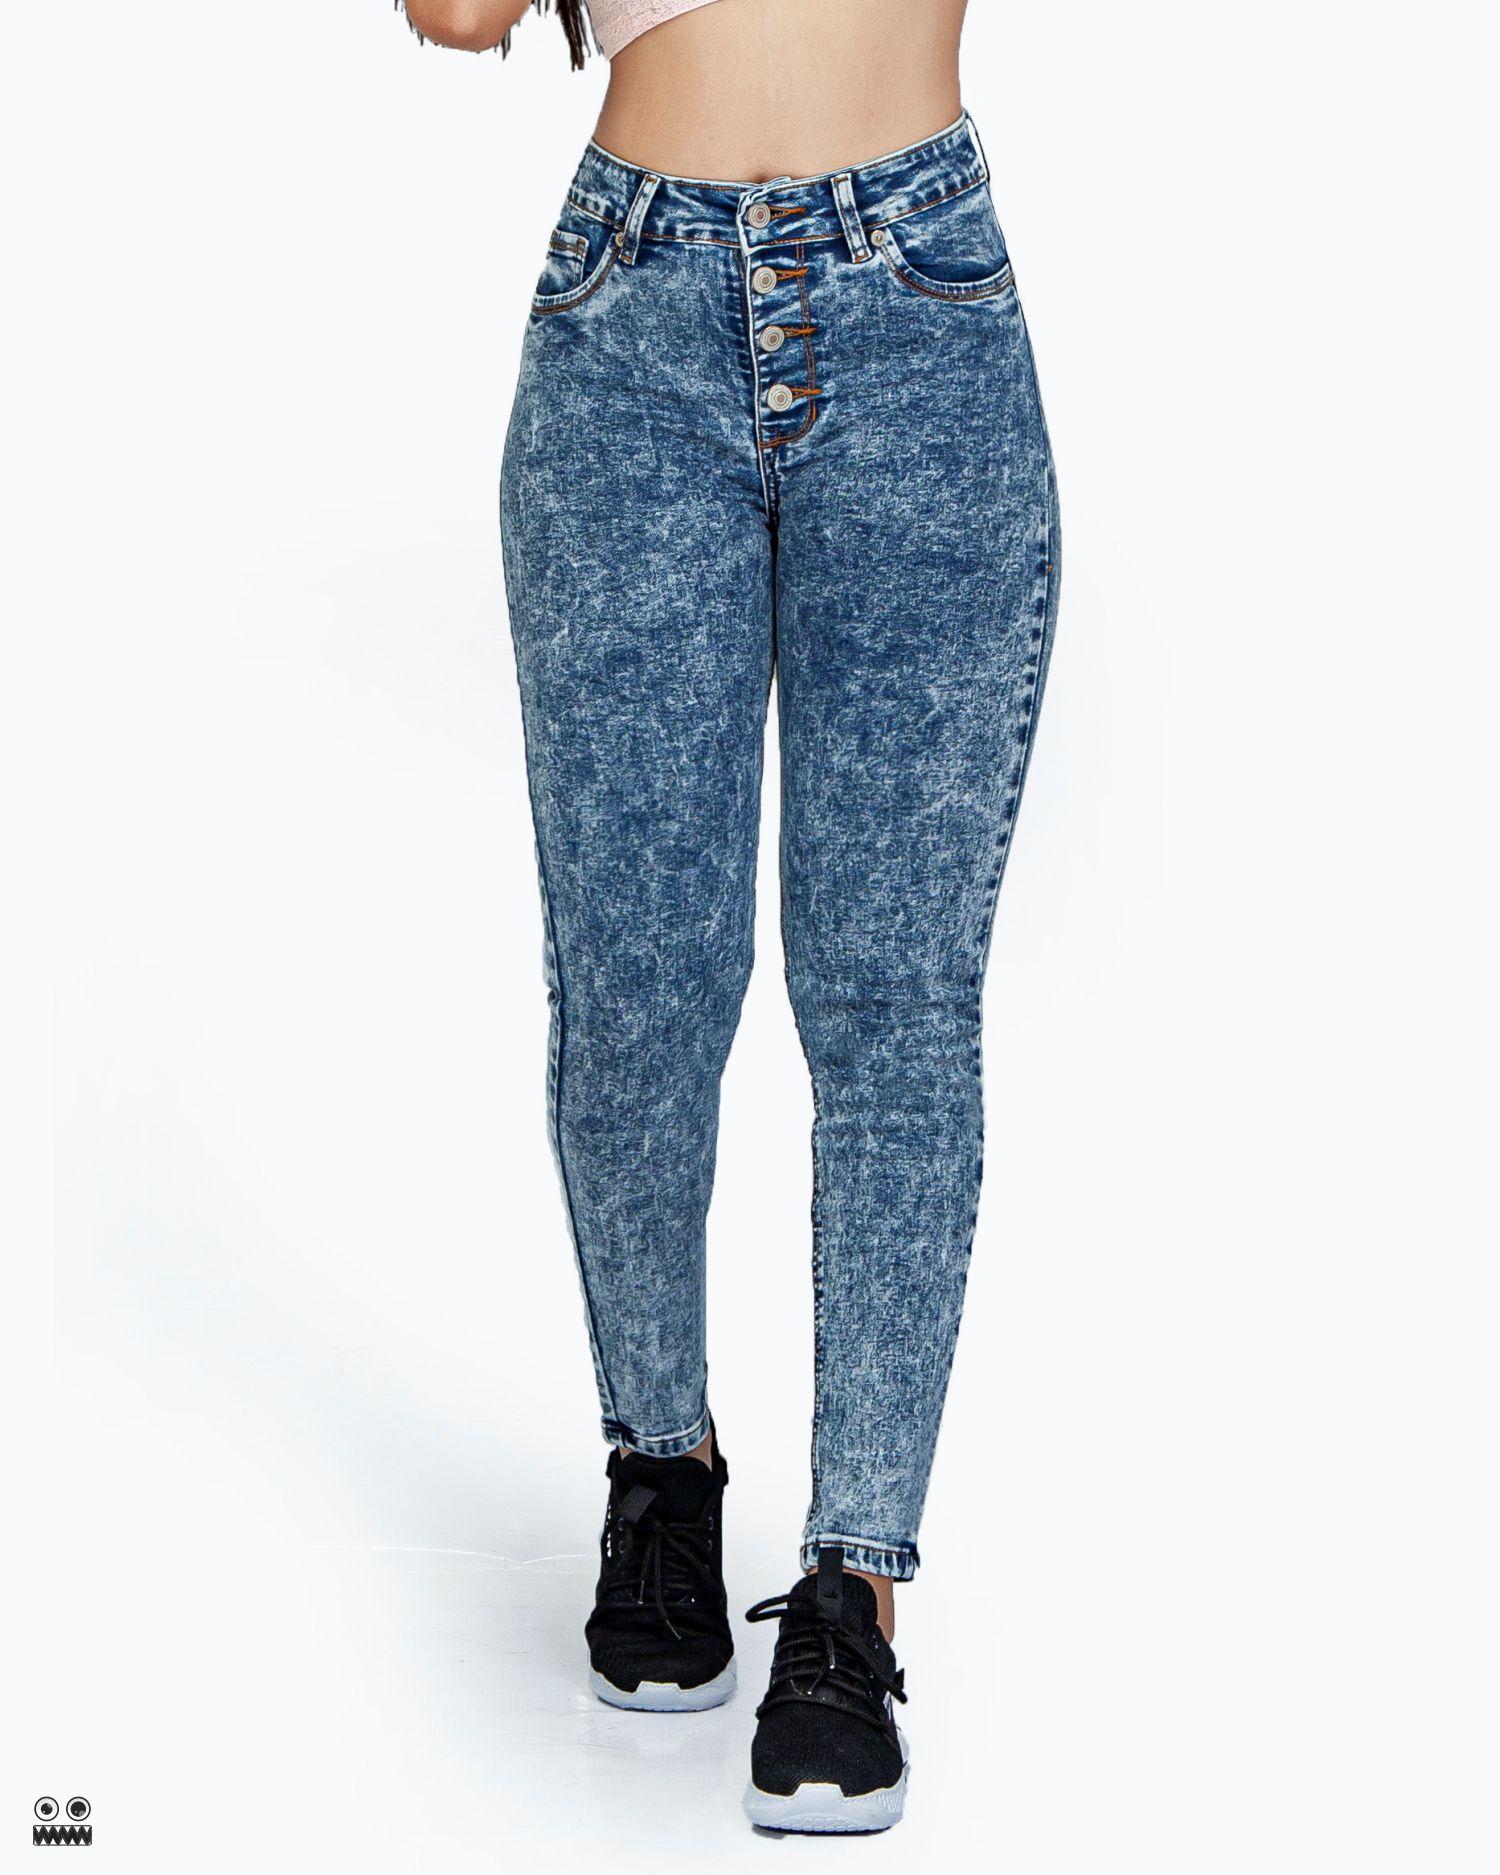 REF 1772 3 Jean froster, tela jean en algodon 98% + 2% expande. talla 4 6 8 10 12 14 $95.000